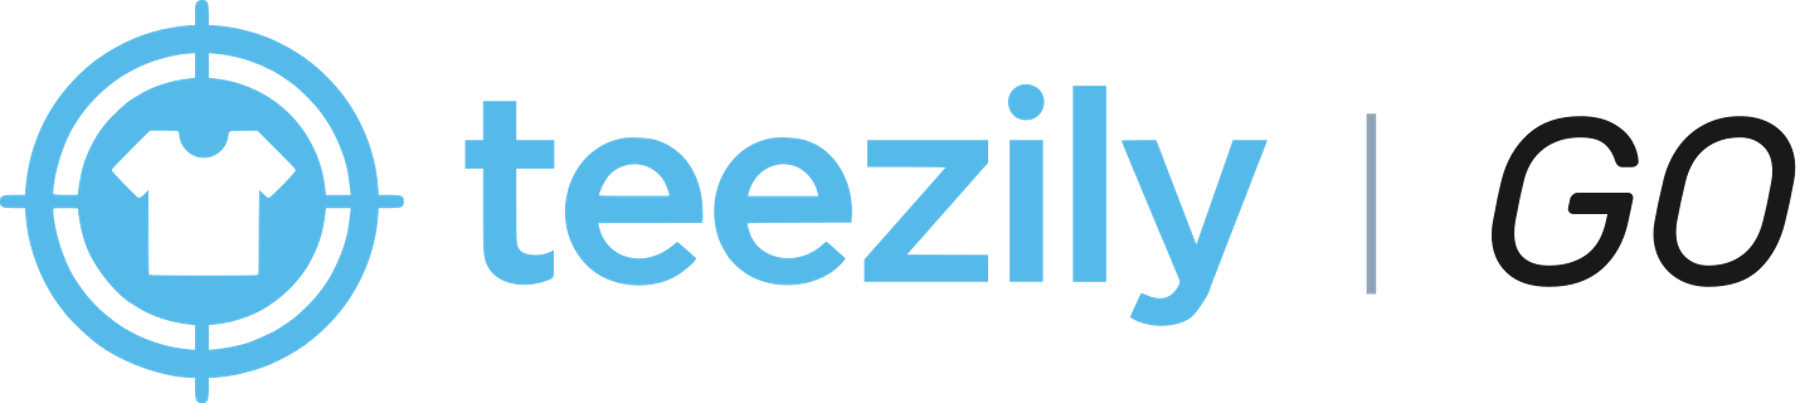 Teezilygo logo